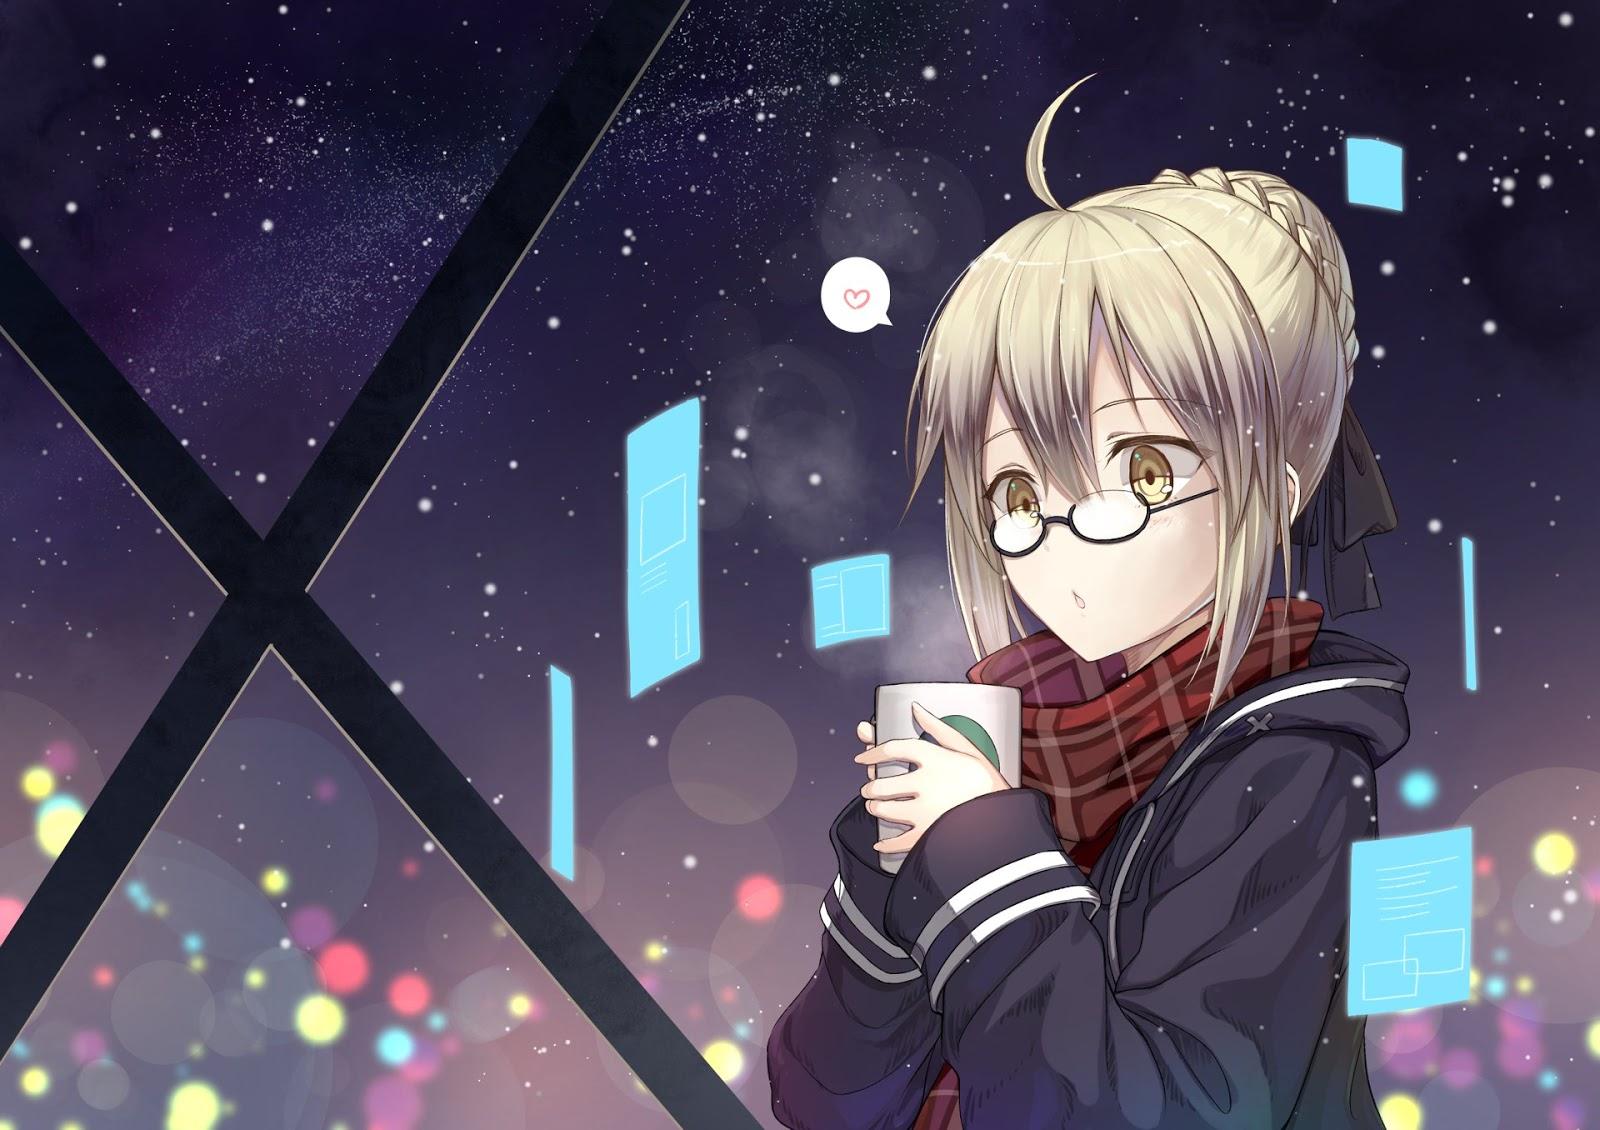 Fate AowVN%2B%252873%2529 - [ Hình Nền ] Anime Fate/GrandOrder tuyệt đẹp Full HD | Wallpaper